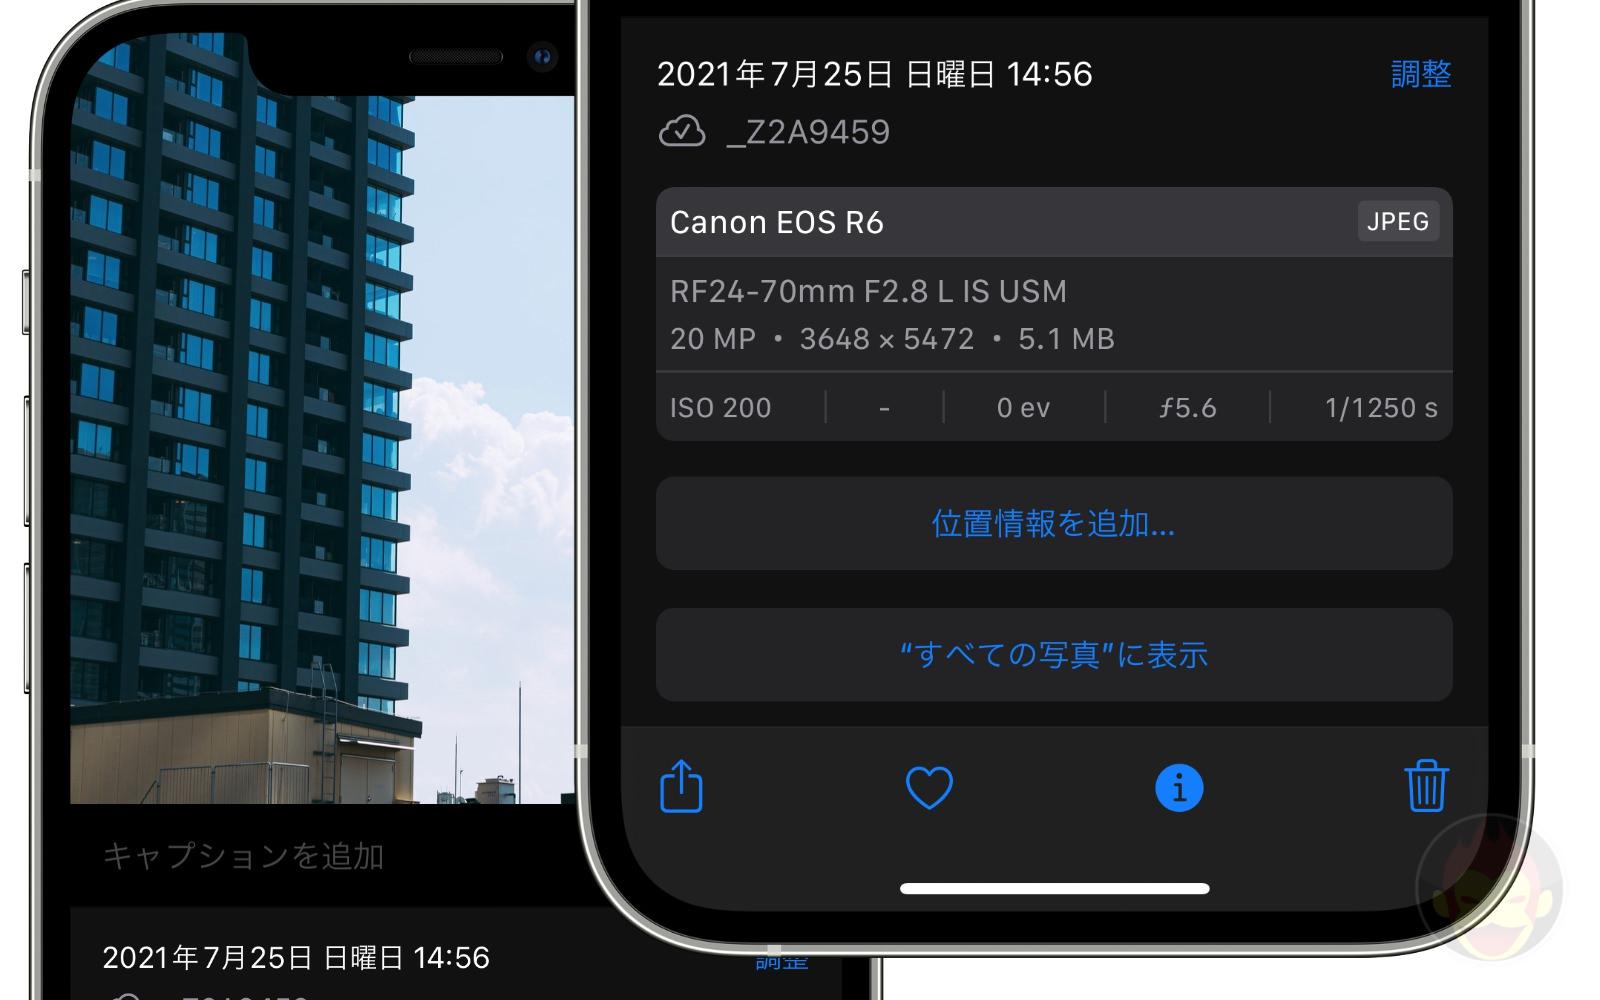 Ios15 photos app exif data